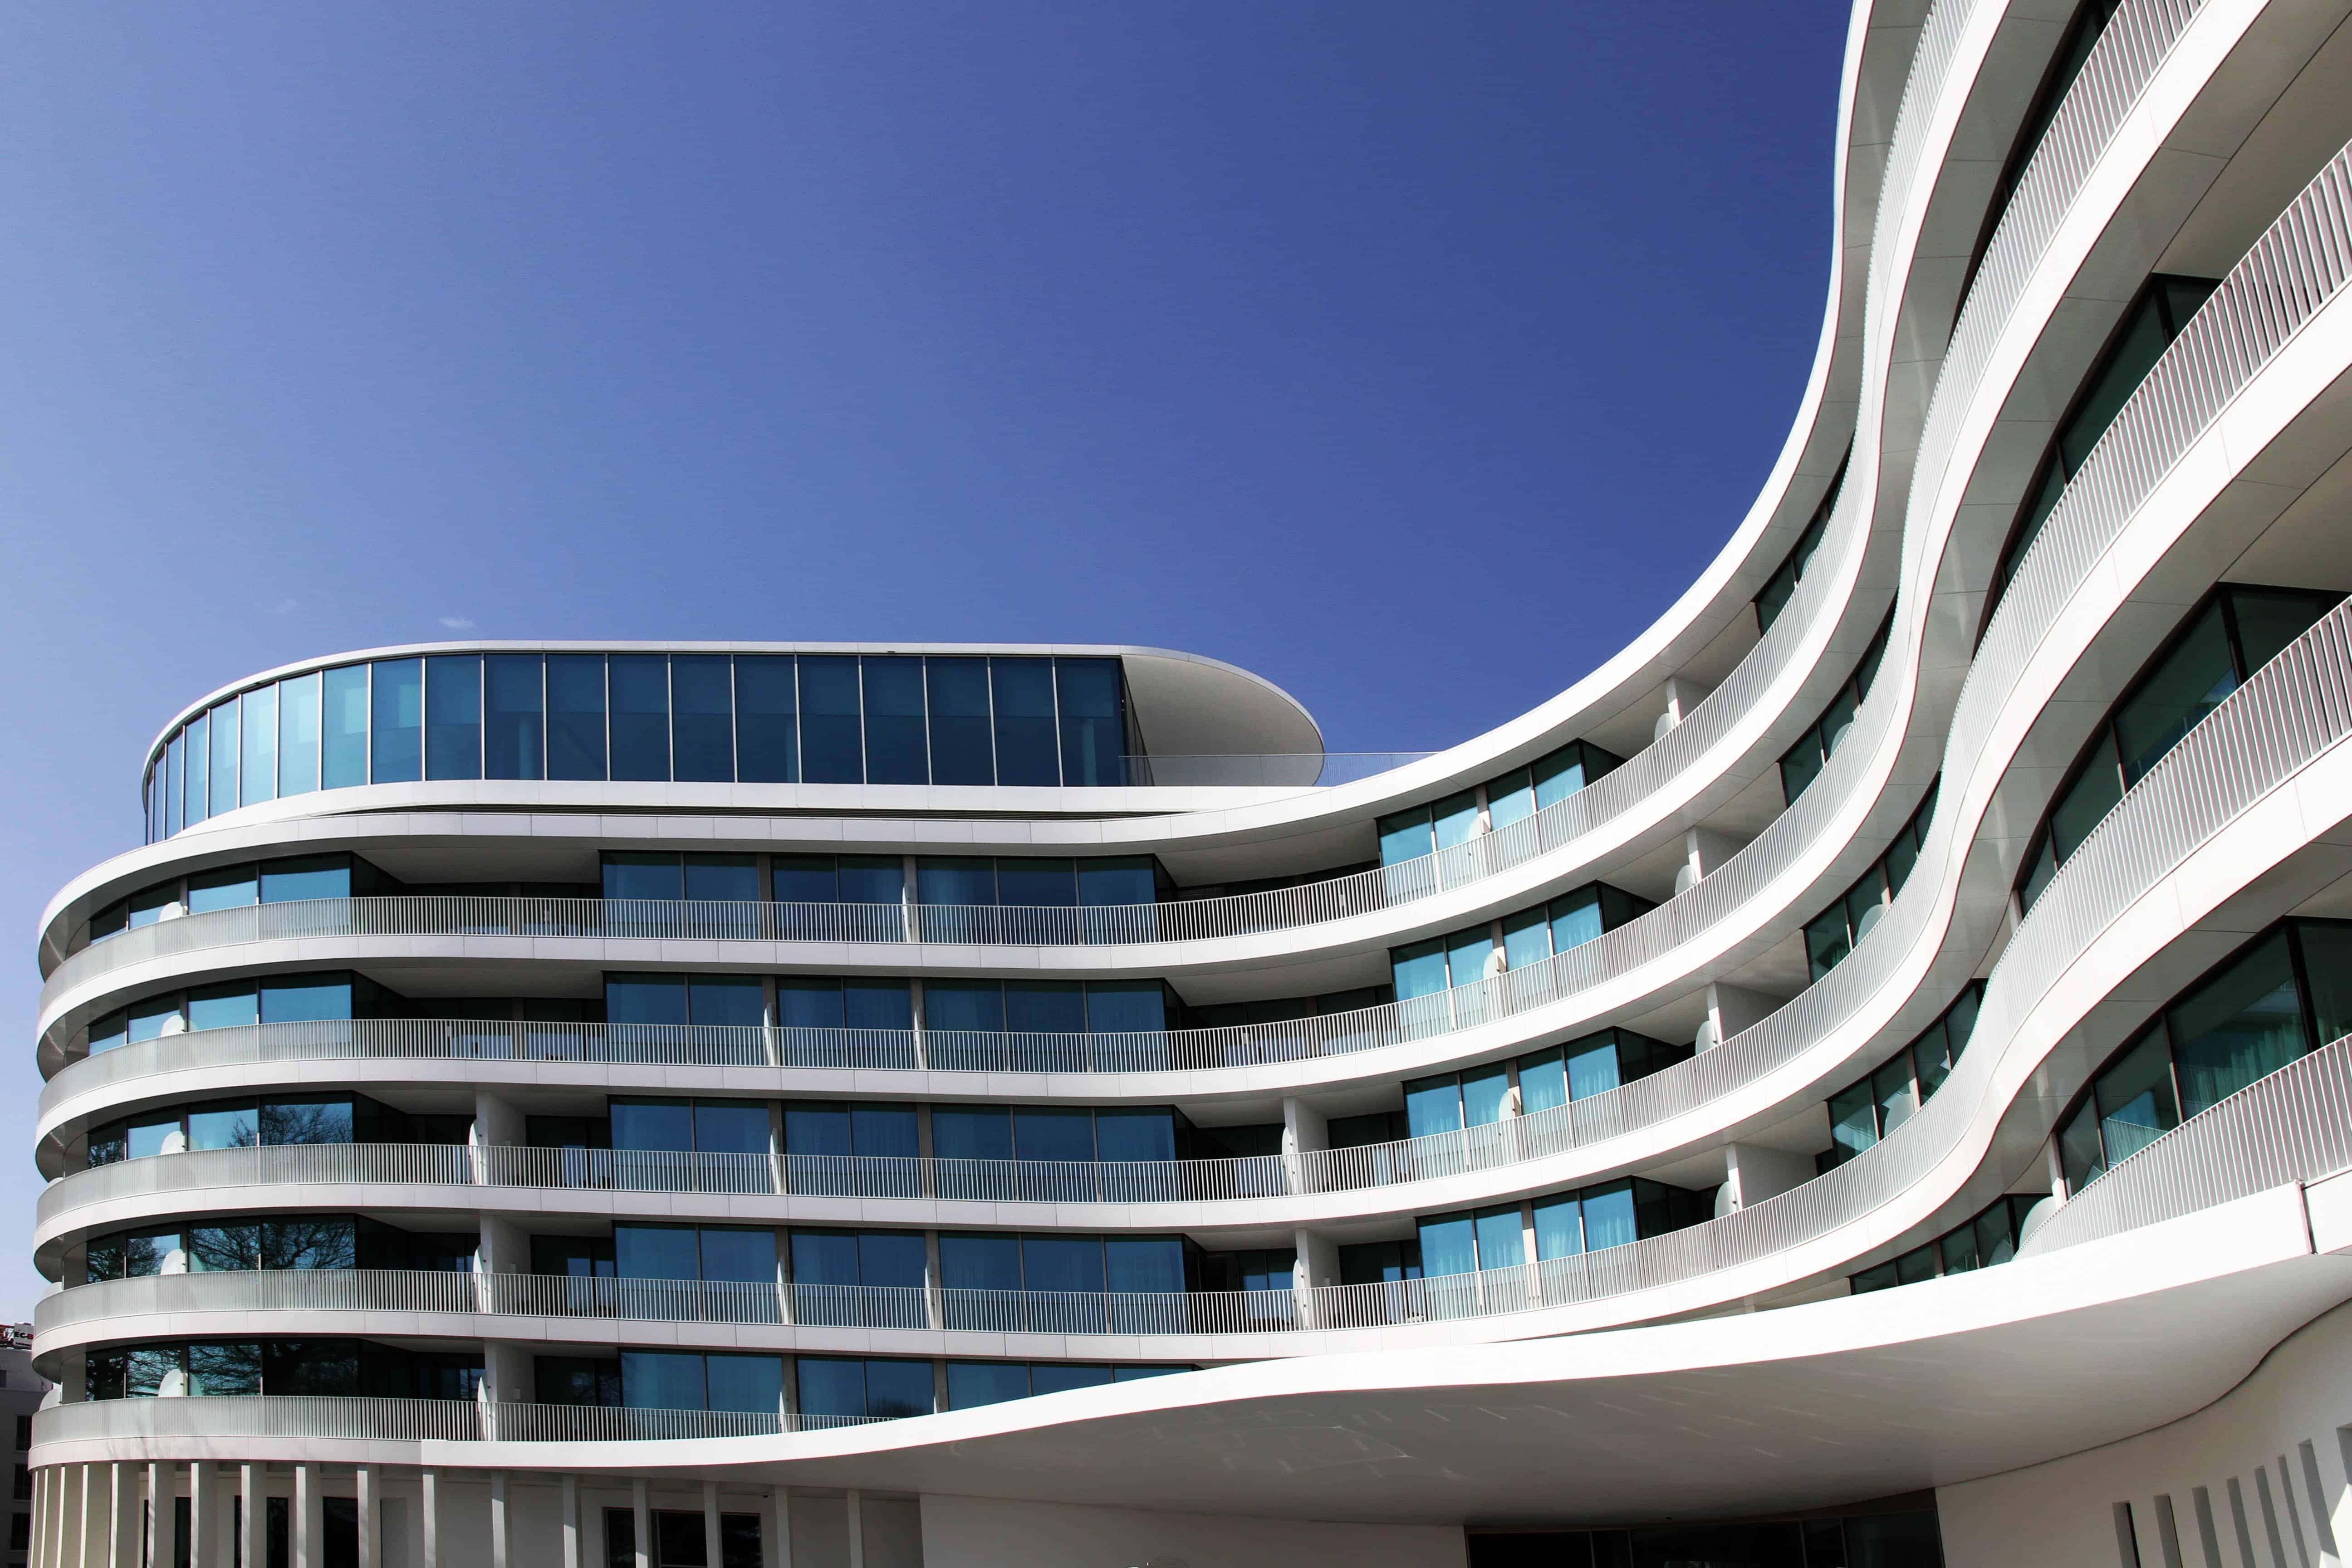 hotel-fontenay-alster-hamburg-by-achitektur-fotografie-hamburg-tom-koehler